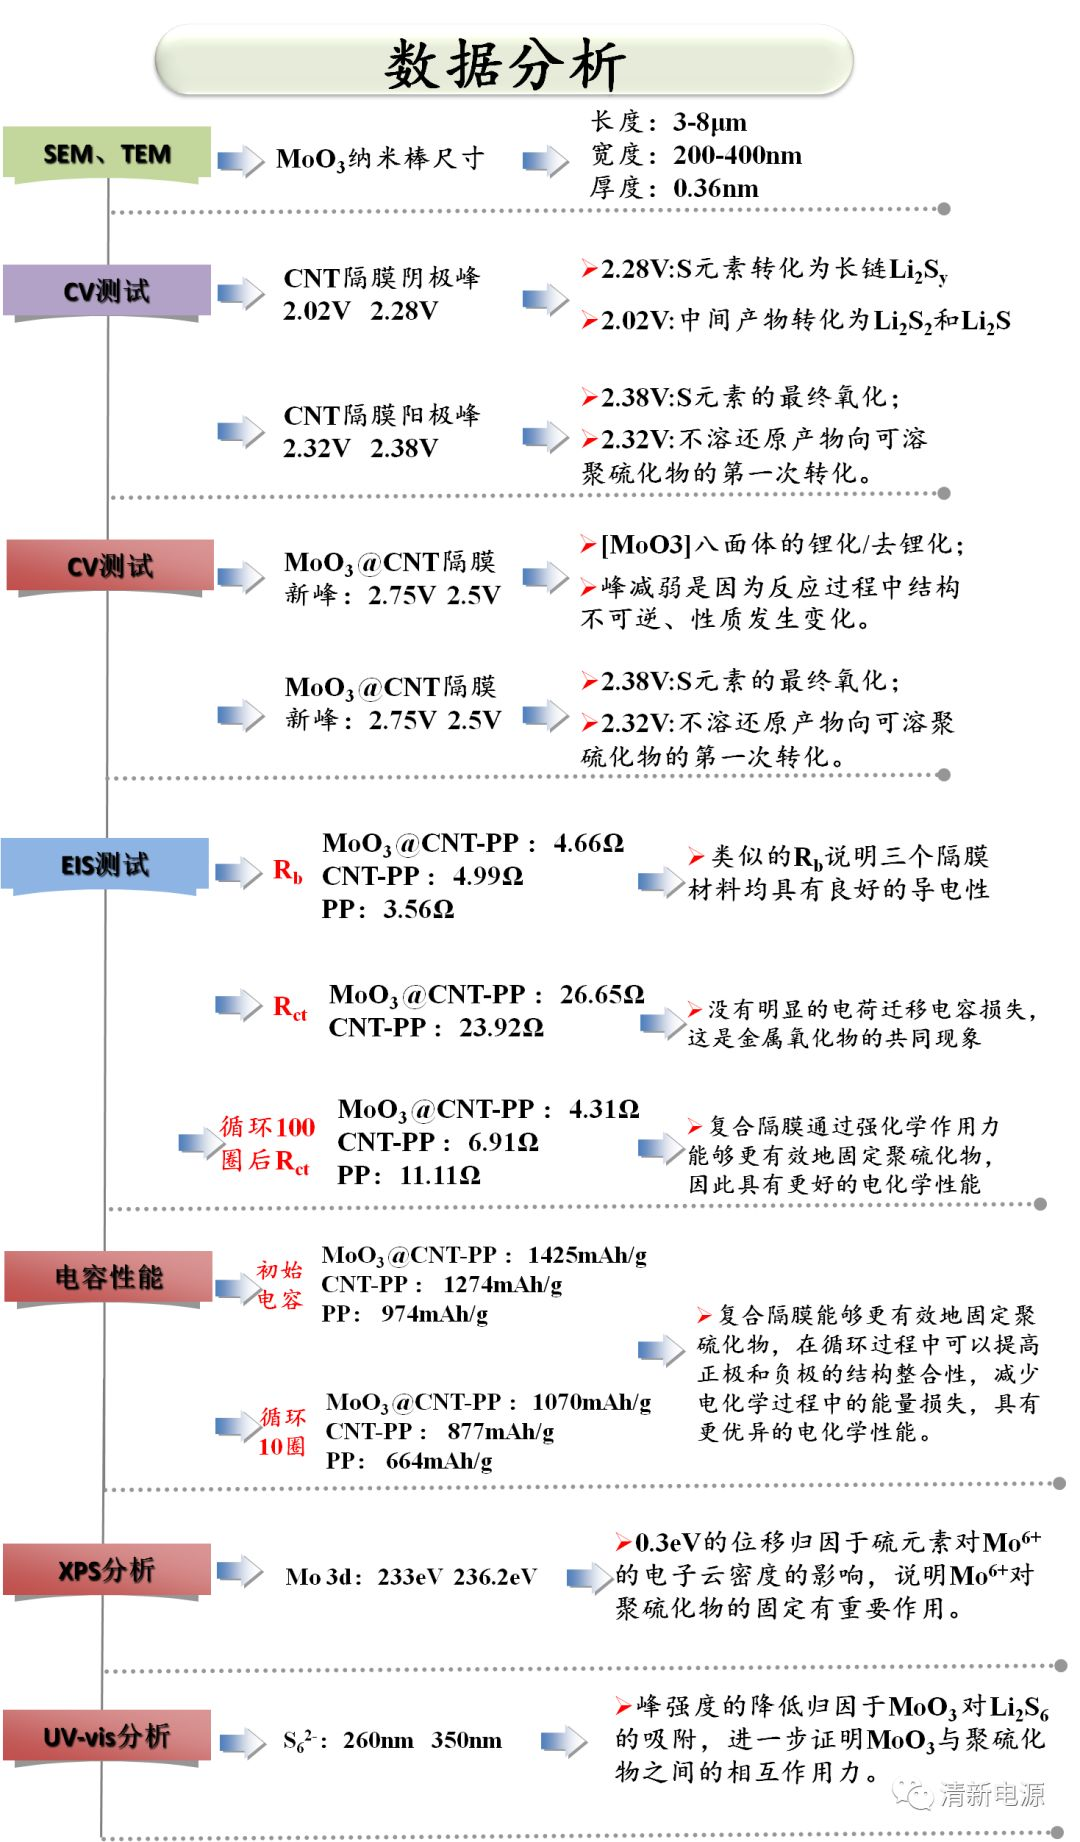 清华深研院: 新型隔膜应用于高性能锂硫电池